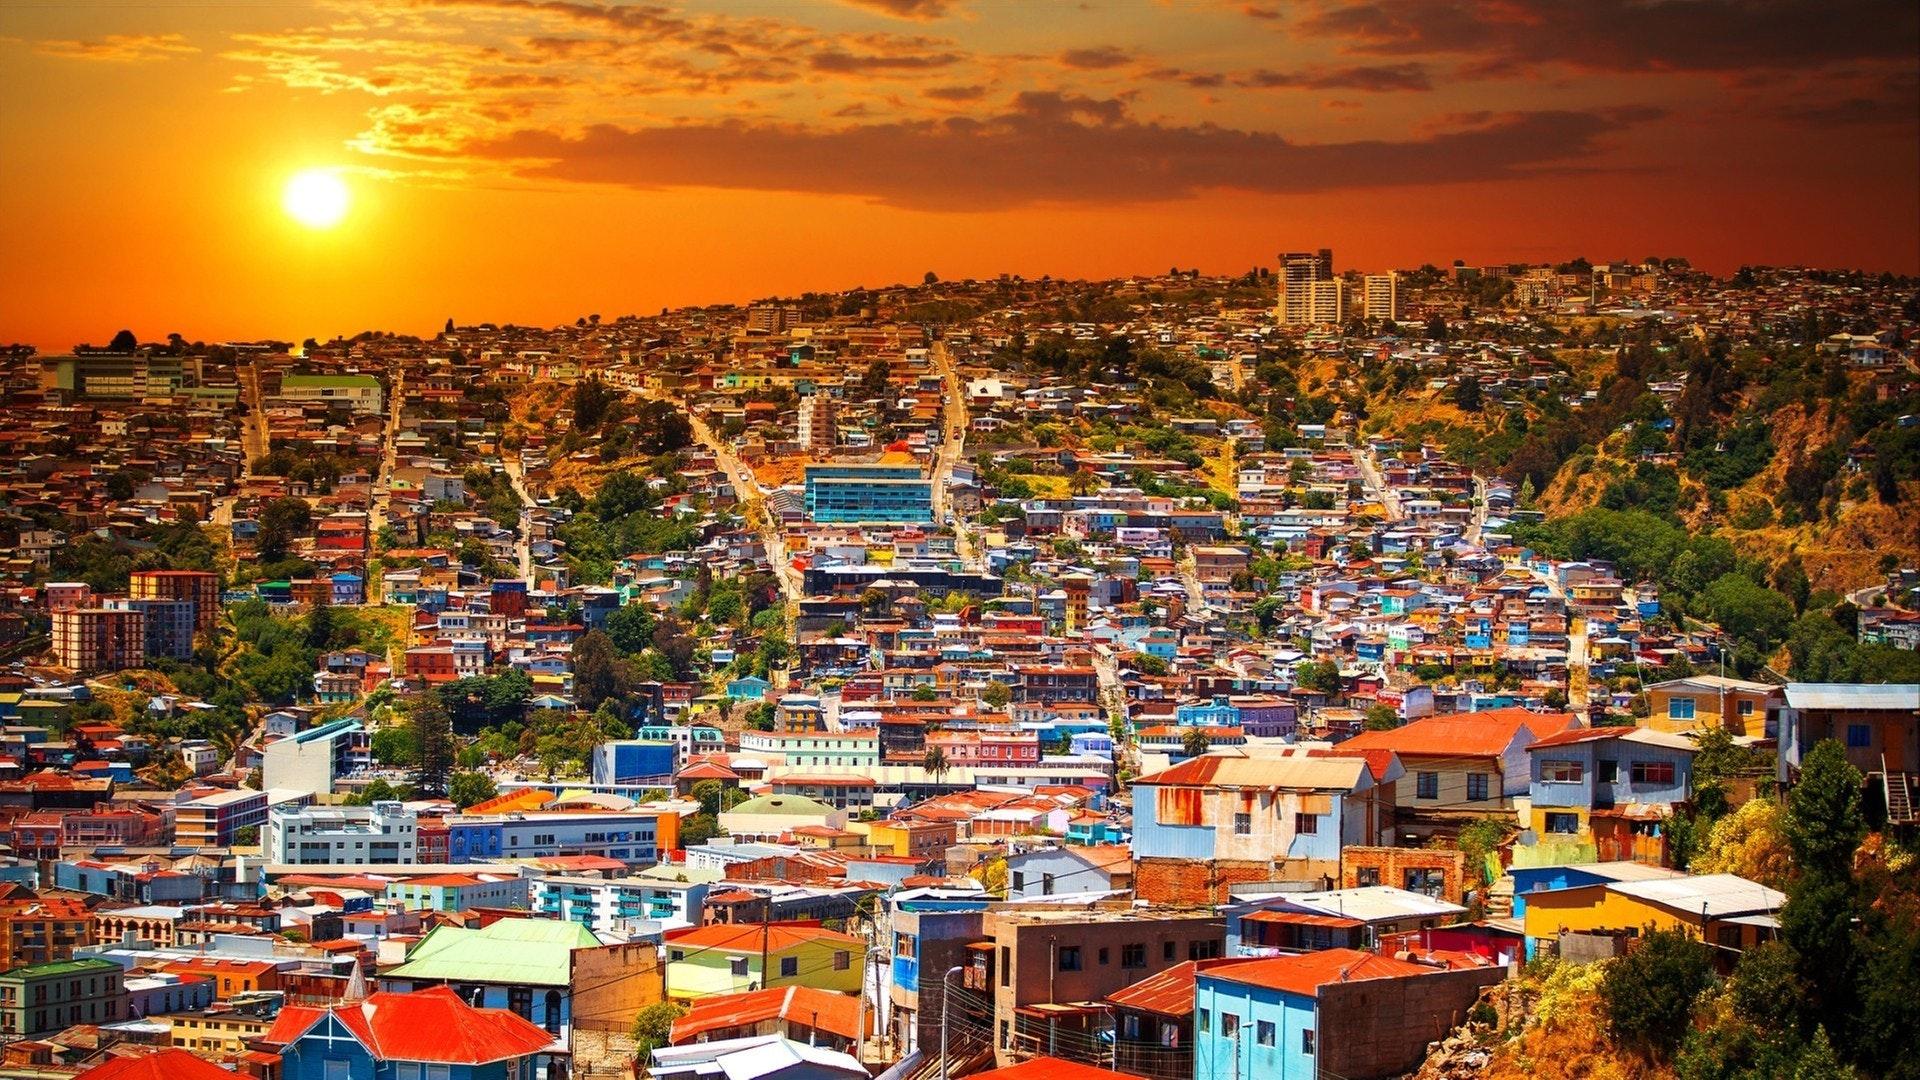 Красочные здания на холмах города Вальпараисо Всемирного наследия ЮНЕСКО